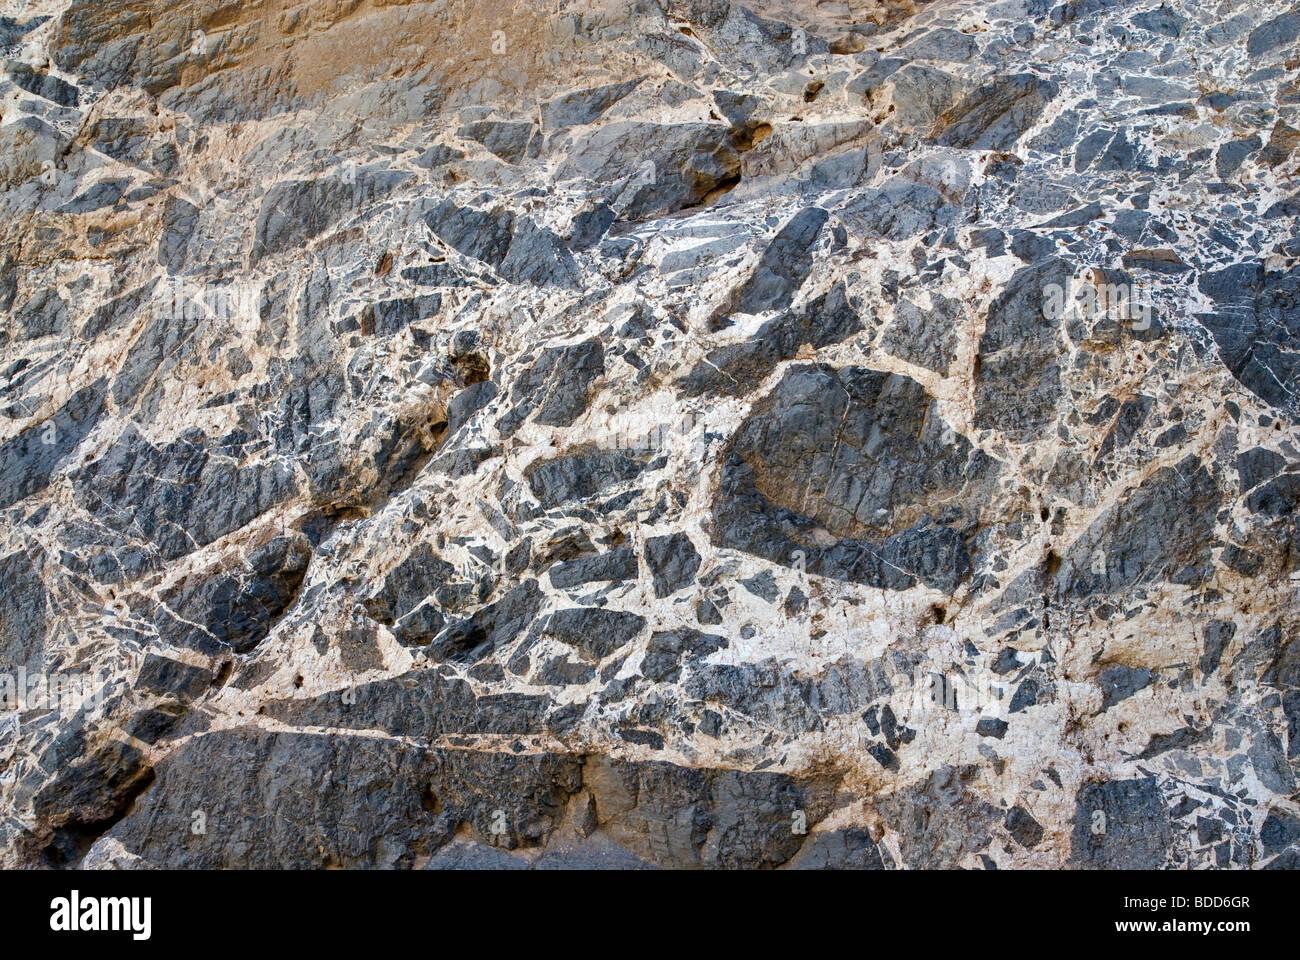 Patrones en las paredes de roca caliza en el estrecho de Titus Canyon, el Parque Nacional Valle de la Muerte, California, Imagen De Stock